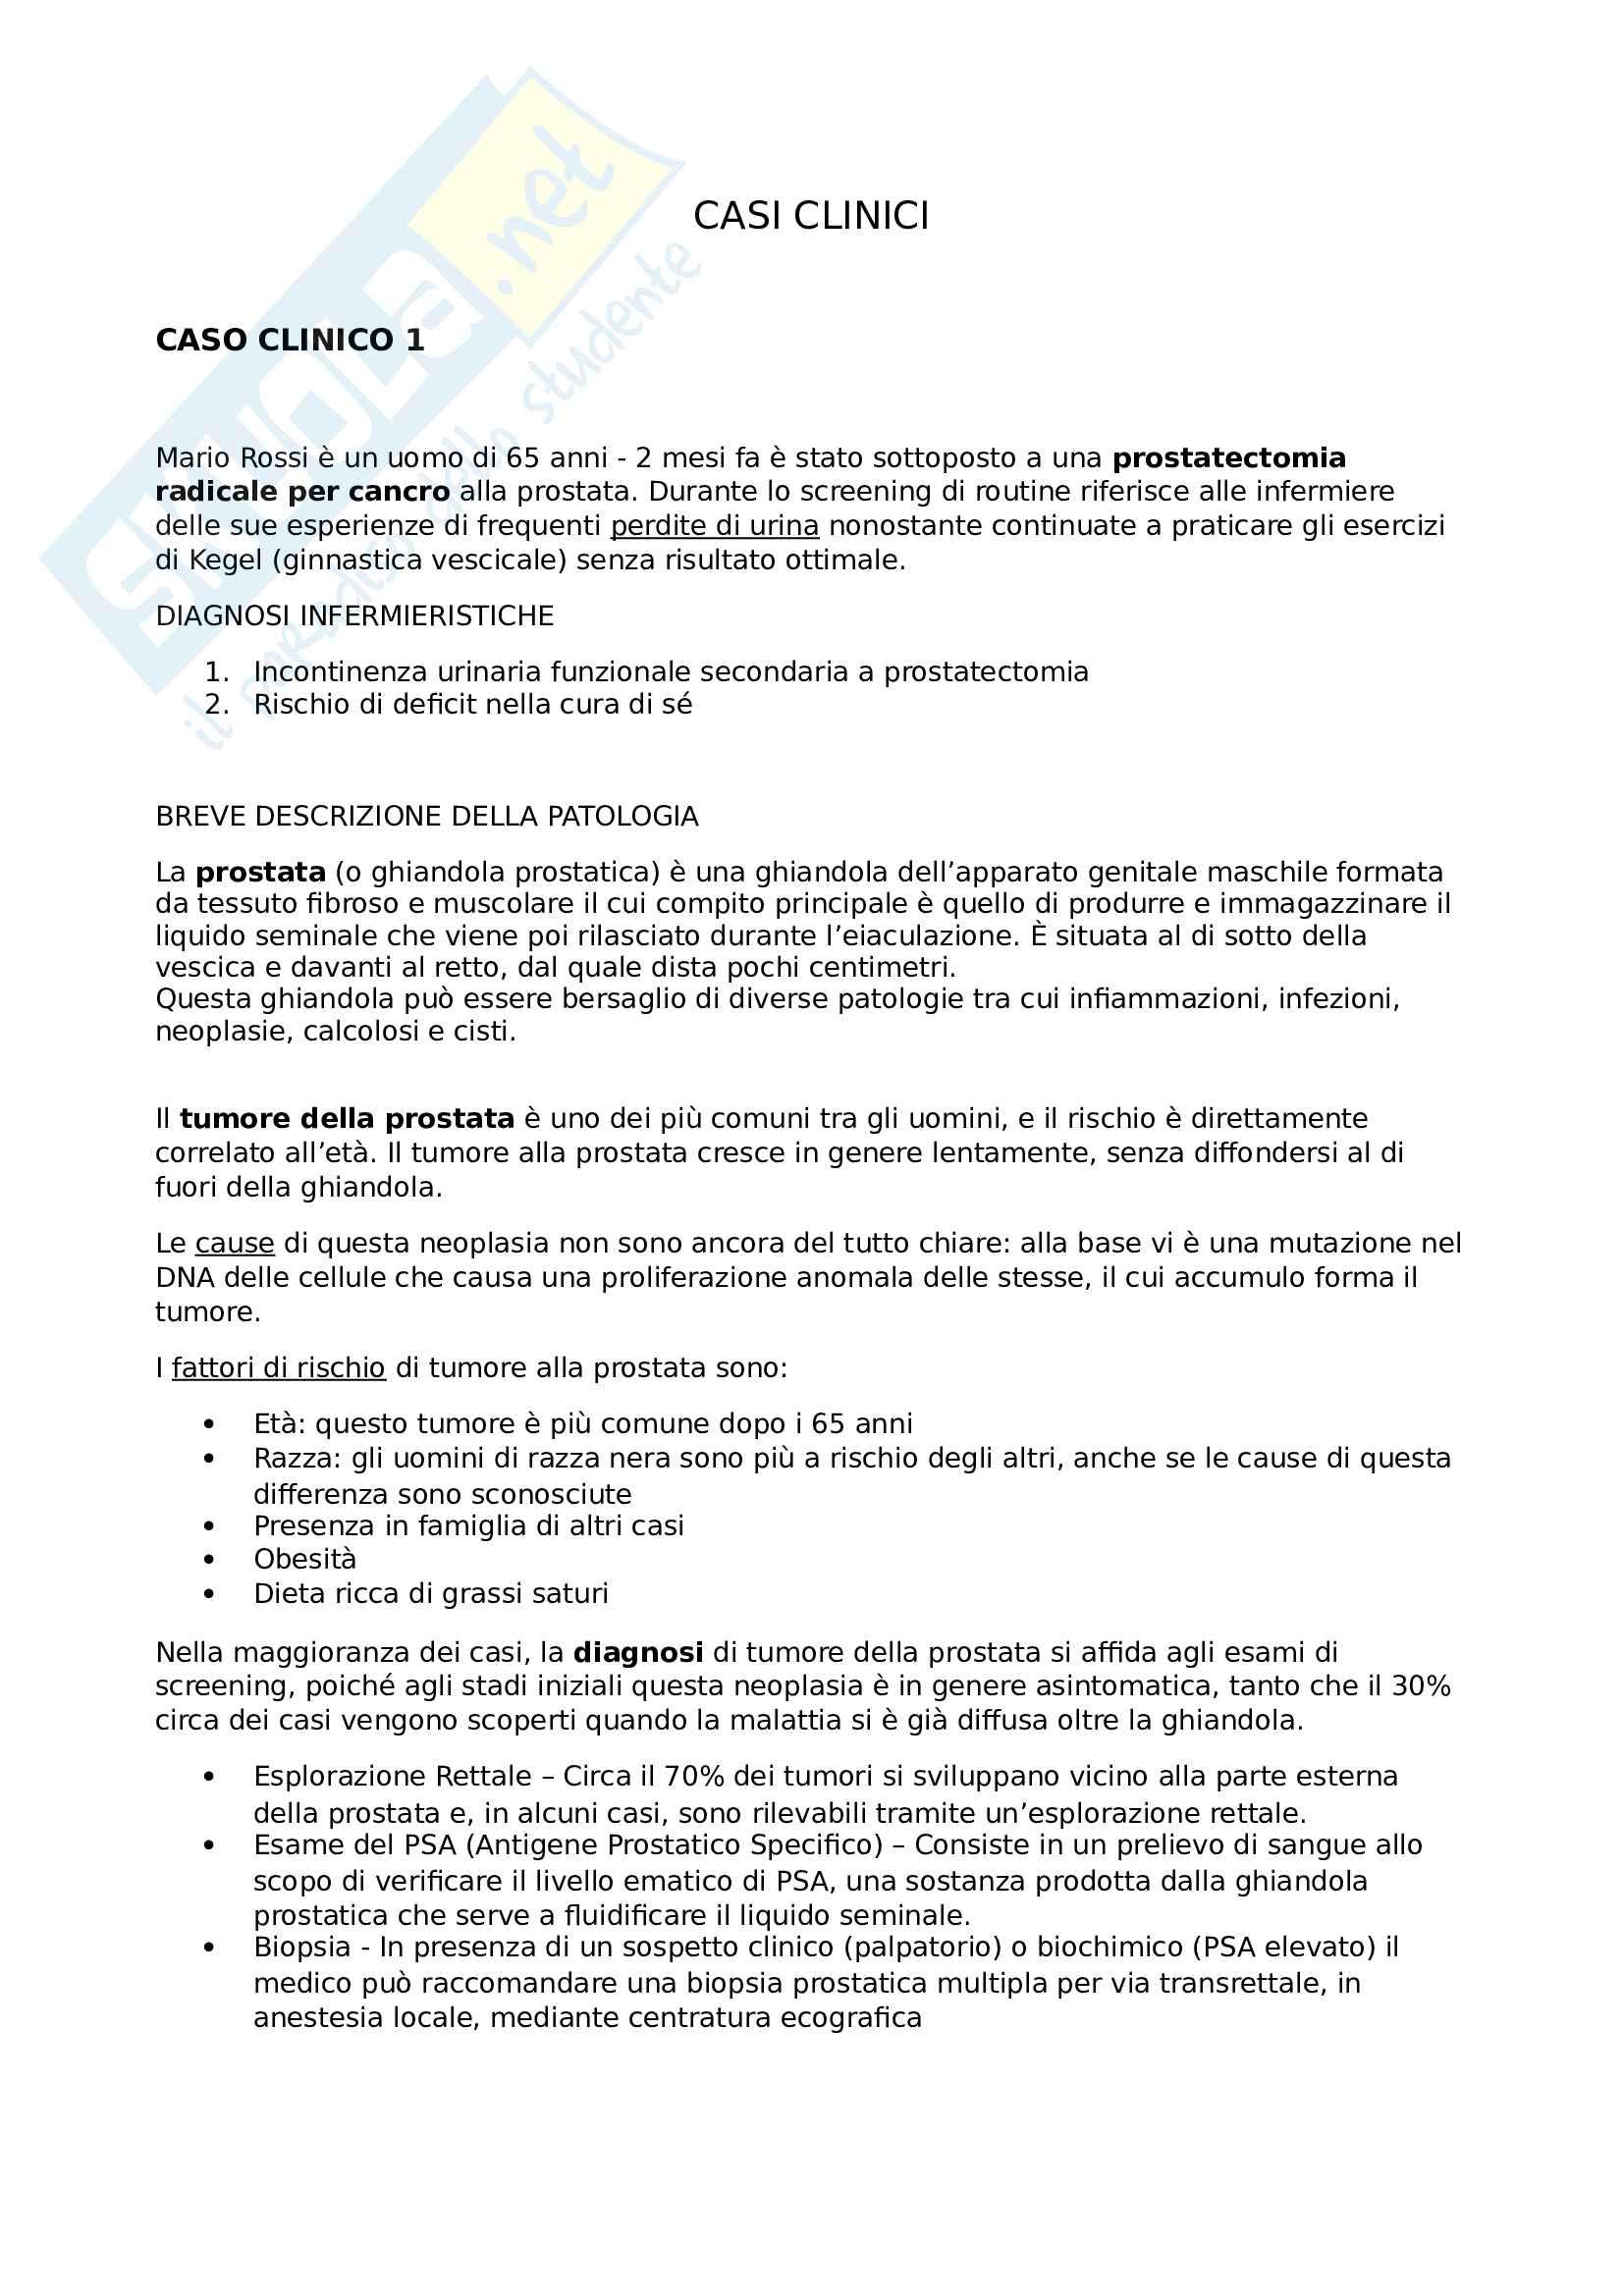 Casi clinici (11 CC approfonditi)